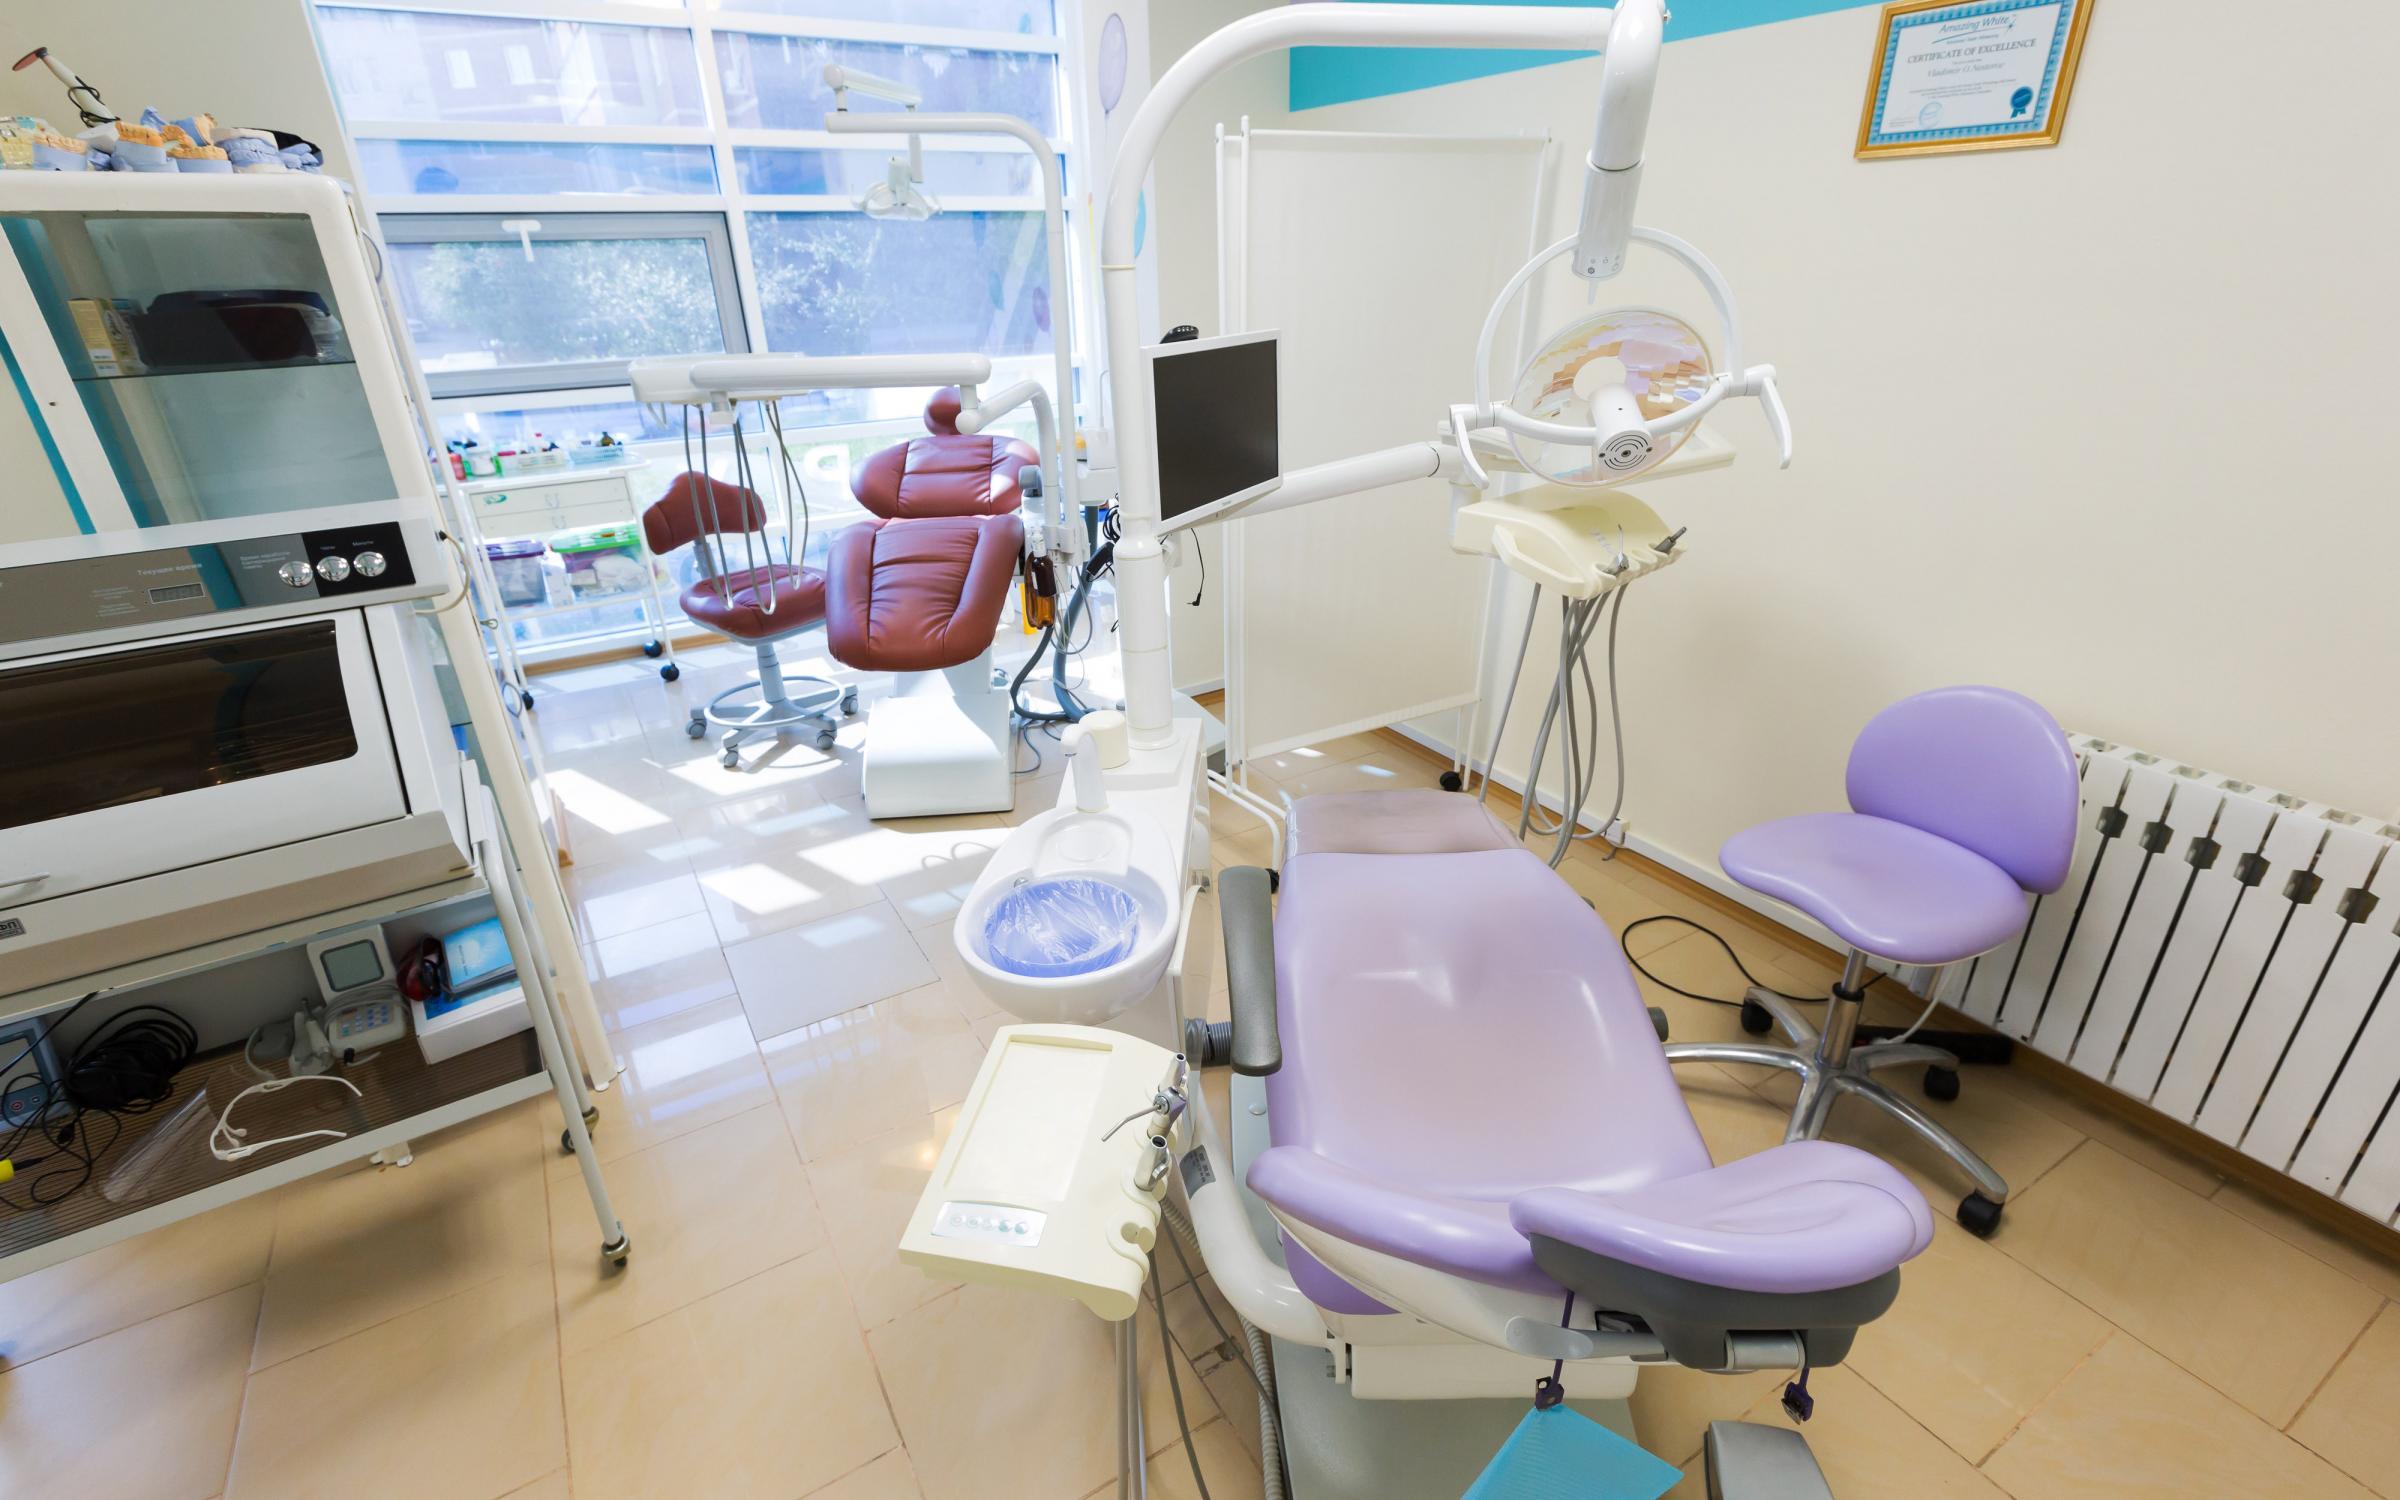 Отзывы клиника парус екатеринбург, умелые пальчики и вагина